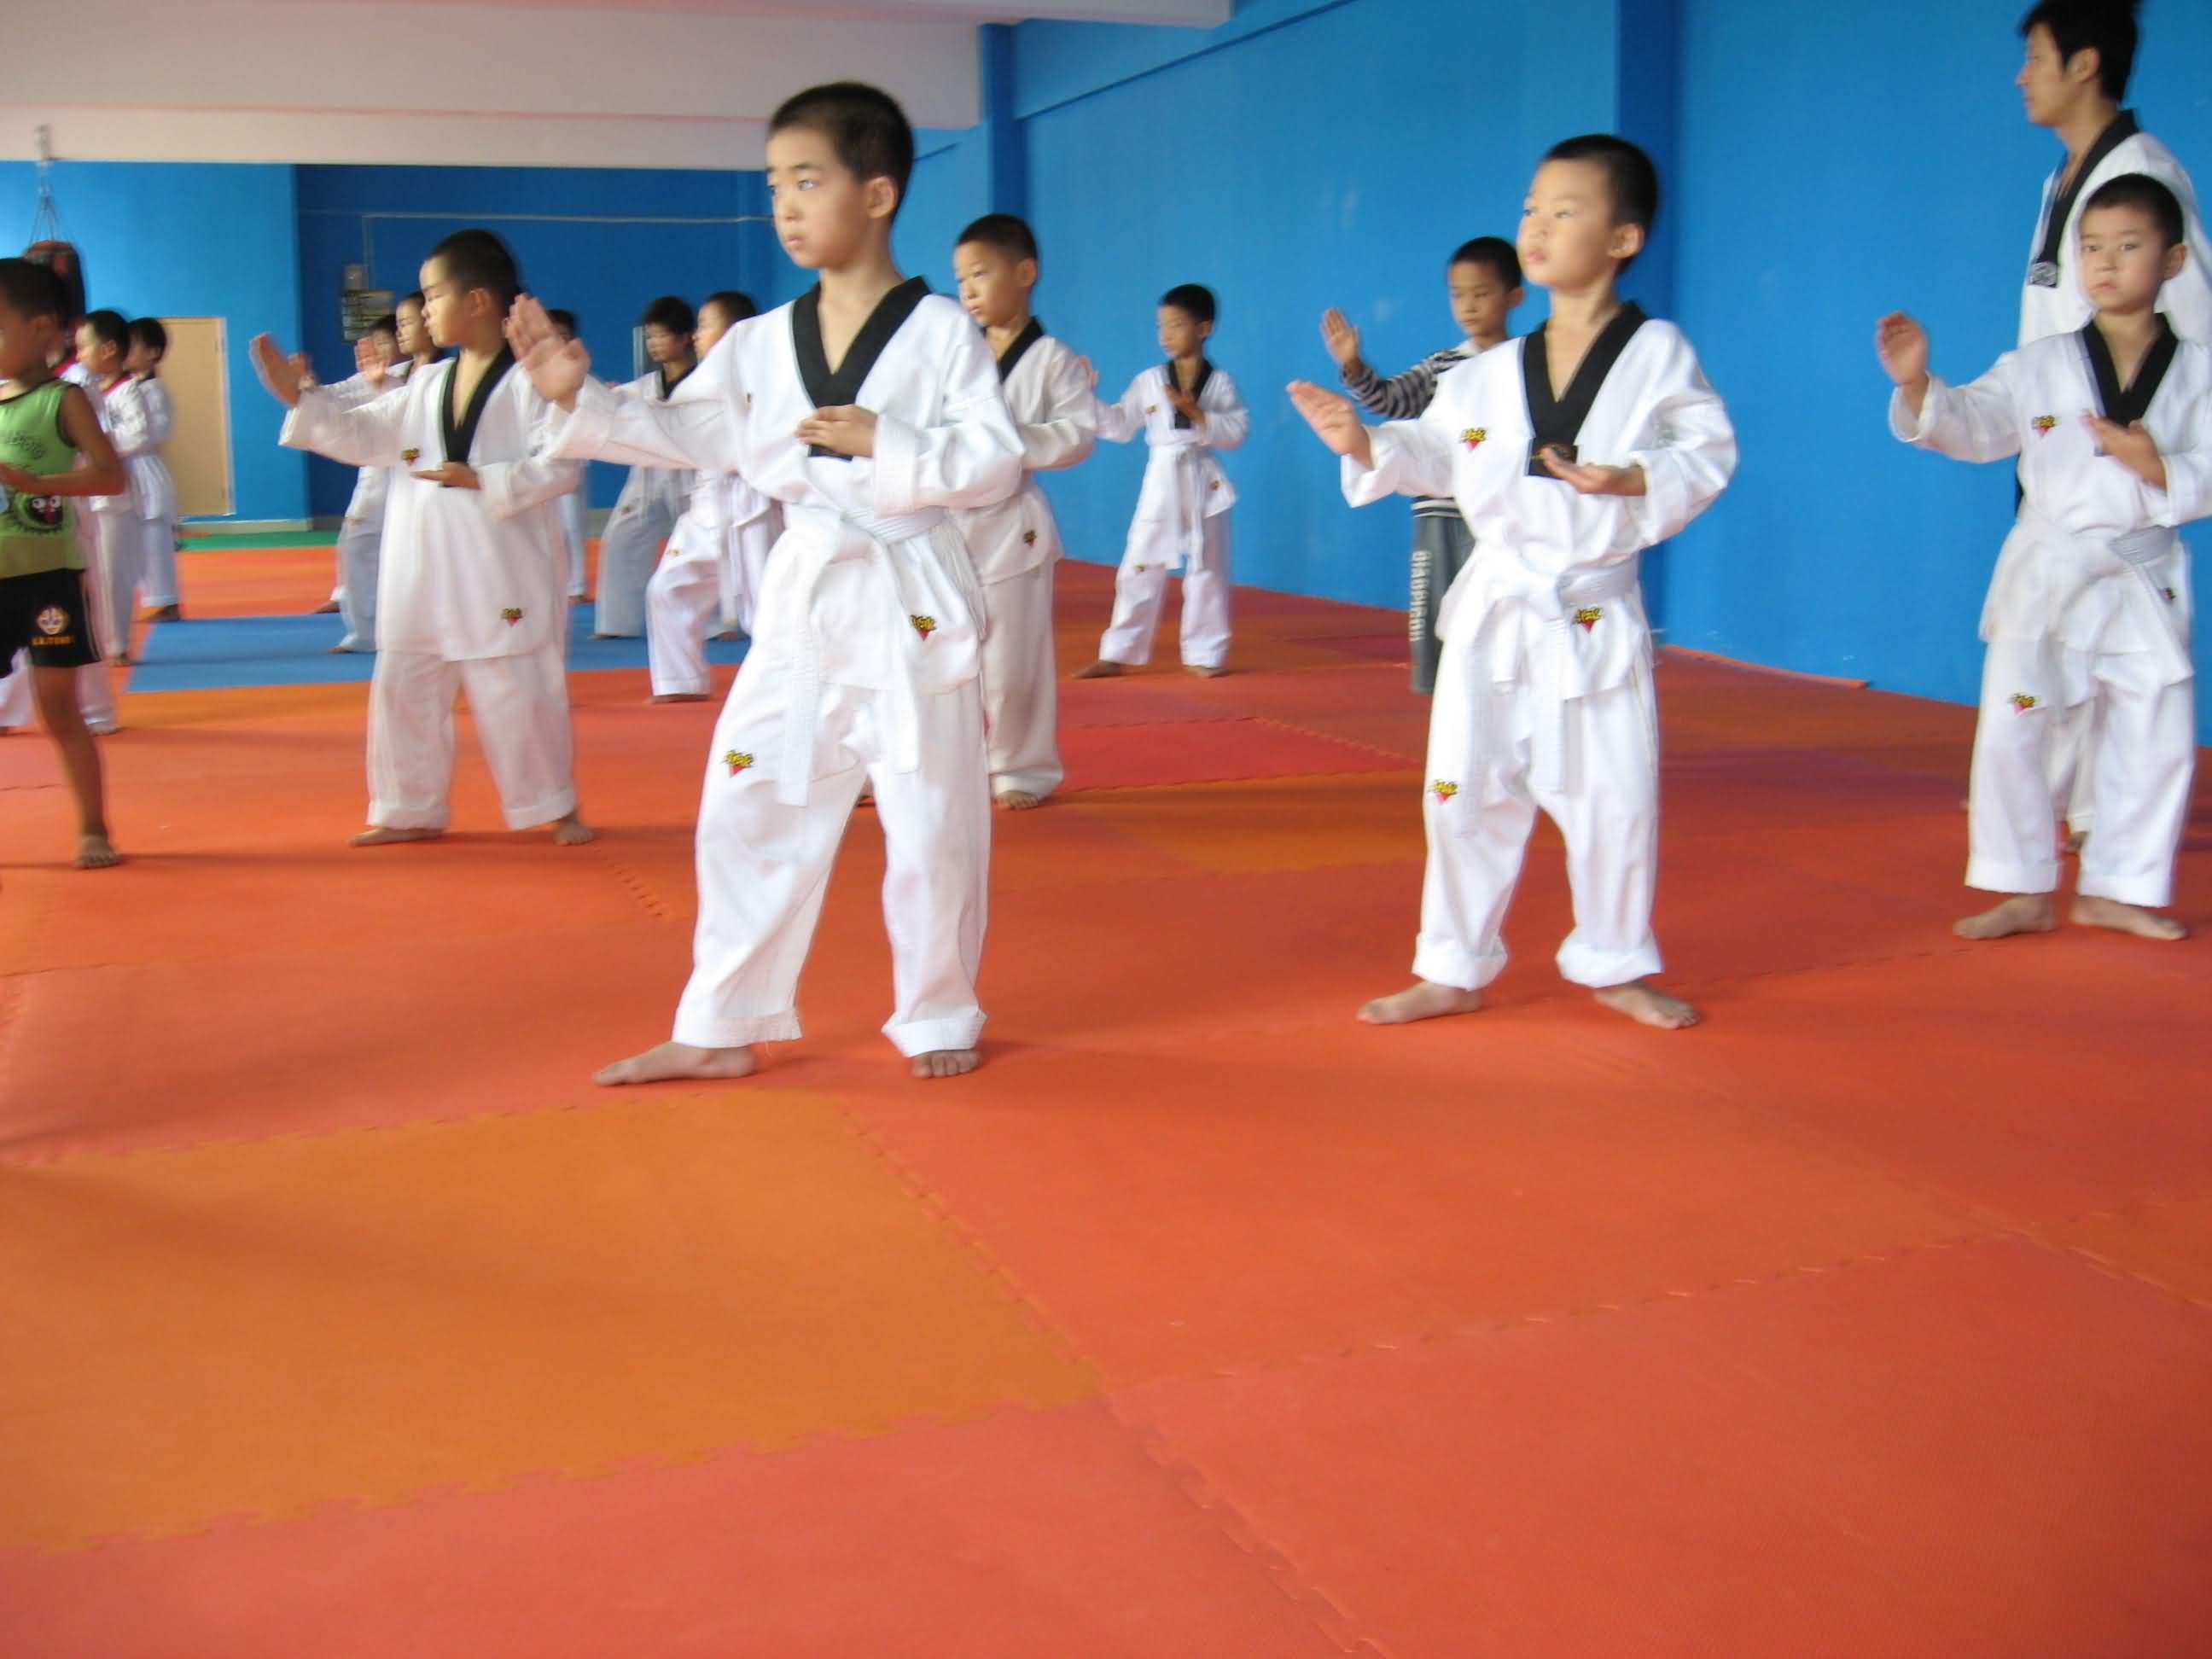 跆拳道初级1班寒假班